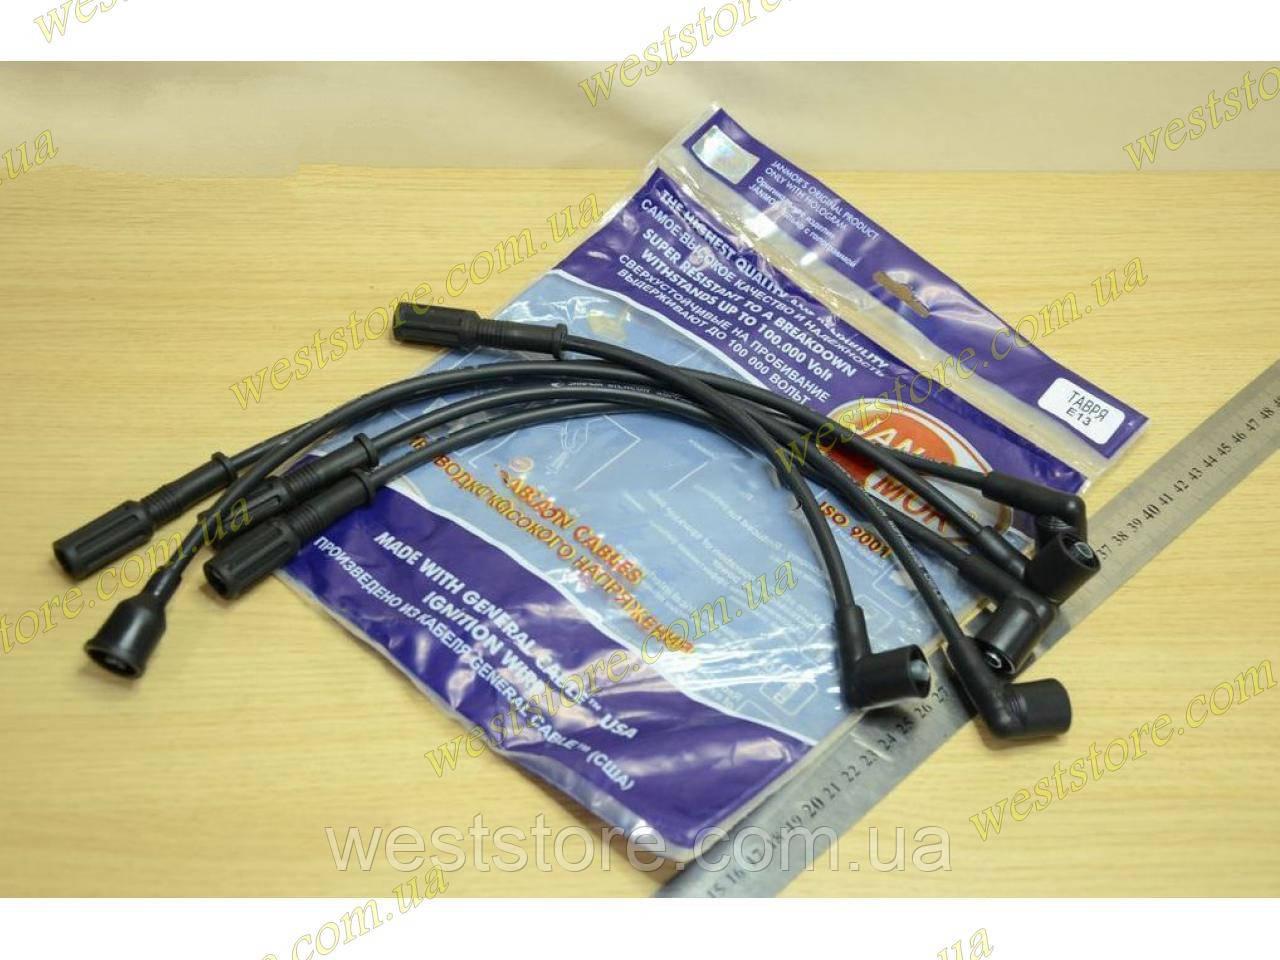 Провода свечные высоковольтные Заз 1102,1103,Таврия,Славута JANMOR Е-13